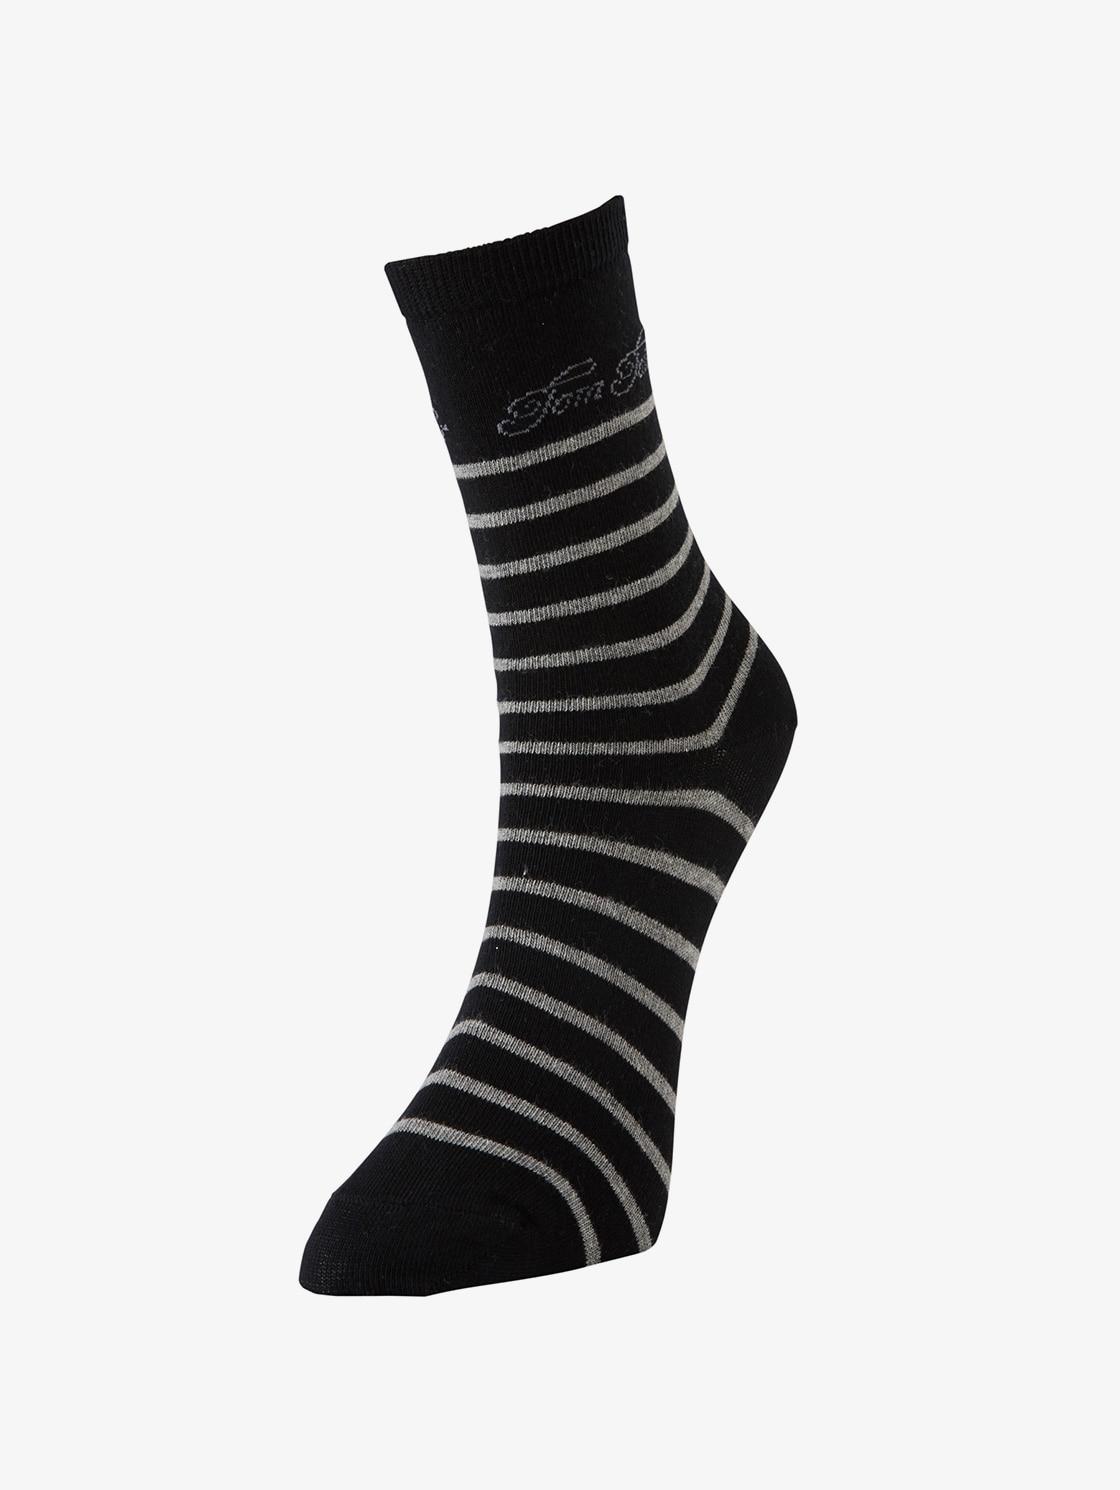 Tom Tailor Casual 2er Pack Socken mit Logo Schrift, Damen, black, Größe: 35 38